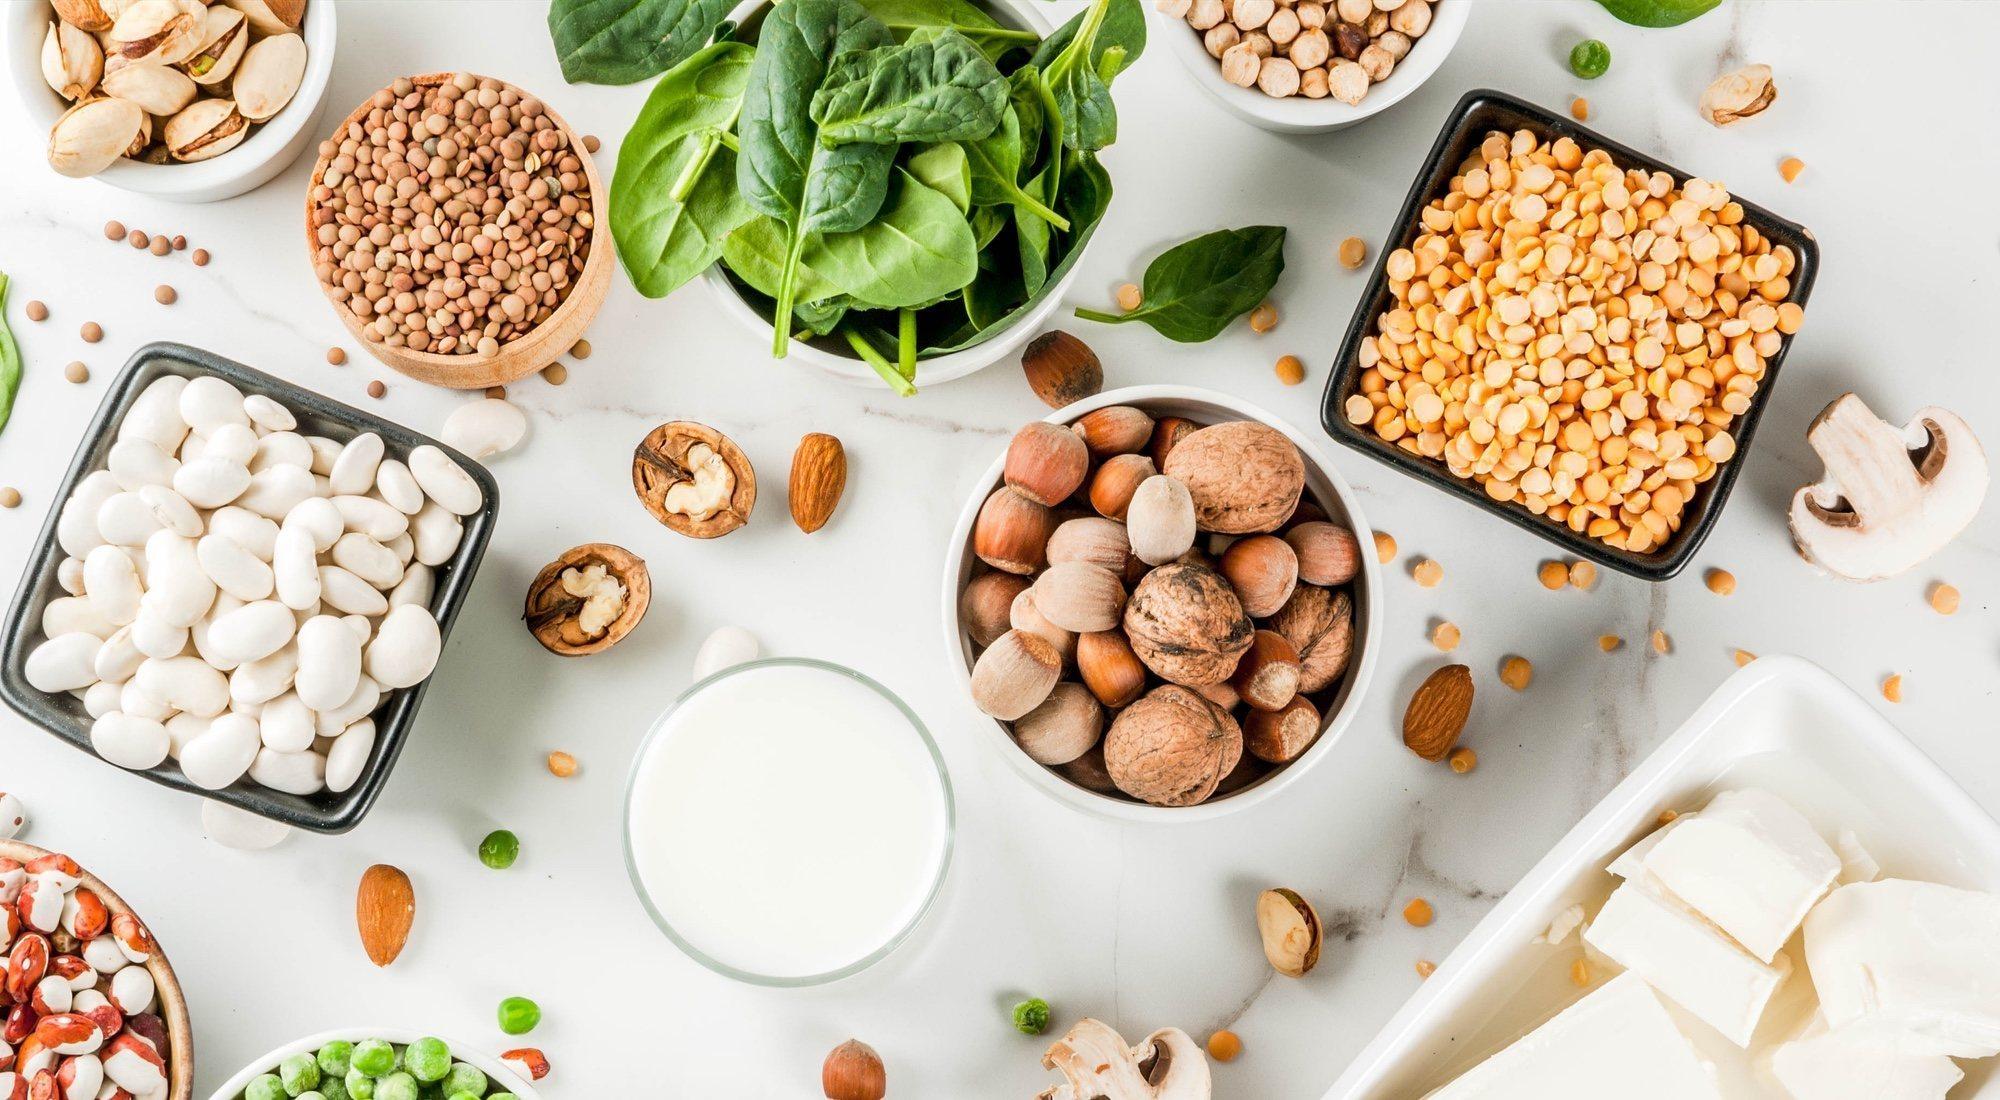 Qué es la dieta vegana y cómo usarla